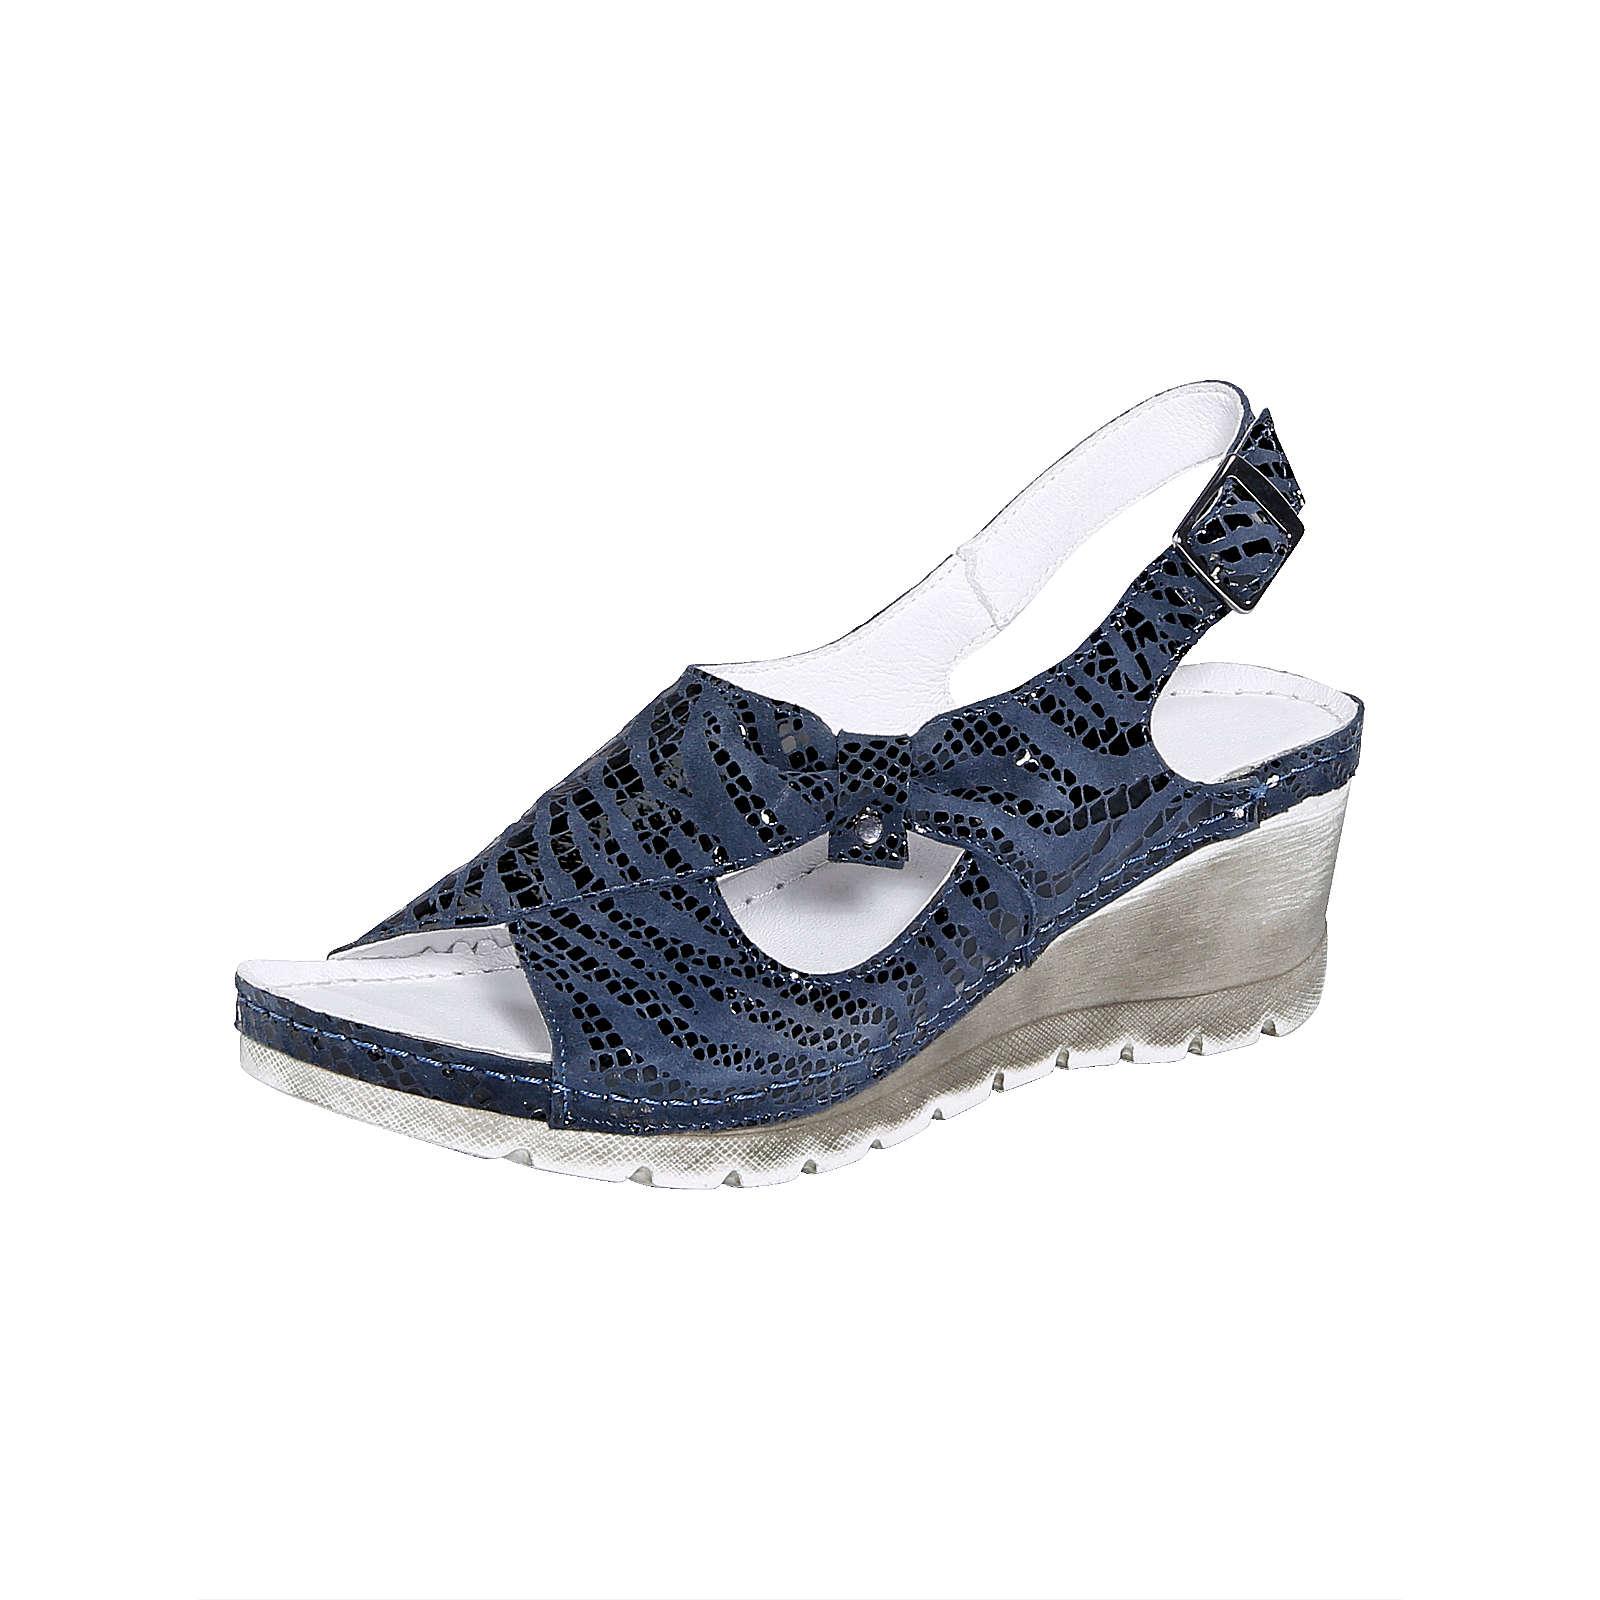 Naturläufer Sandale dunkelblau Damen Gr. 40